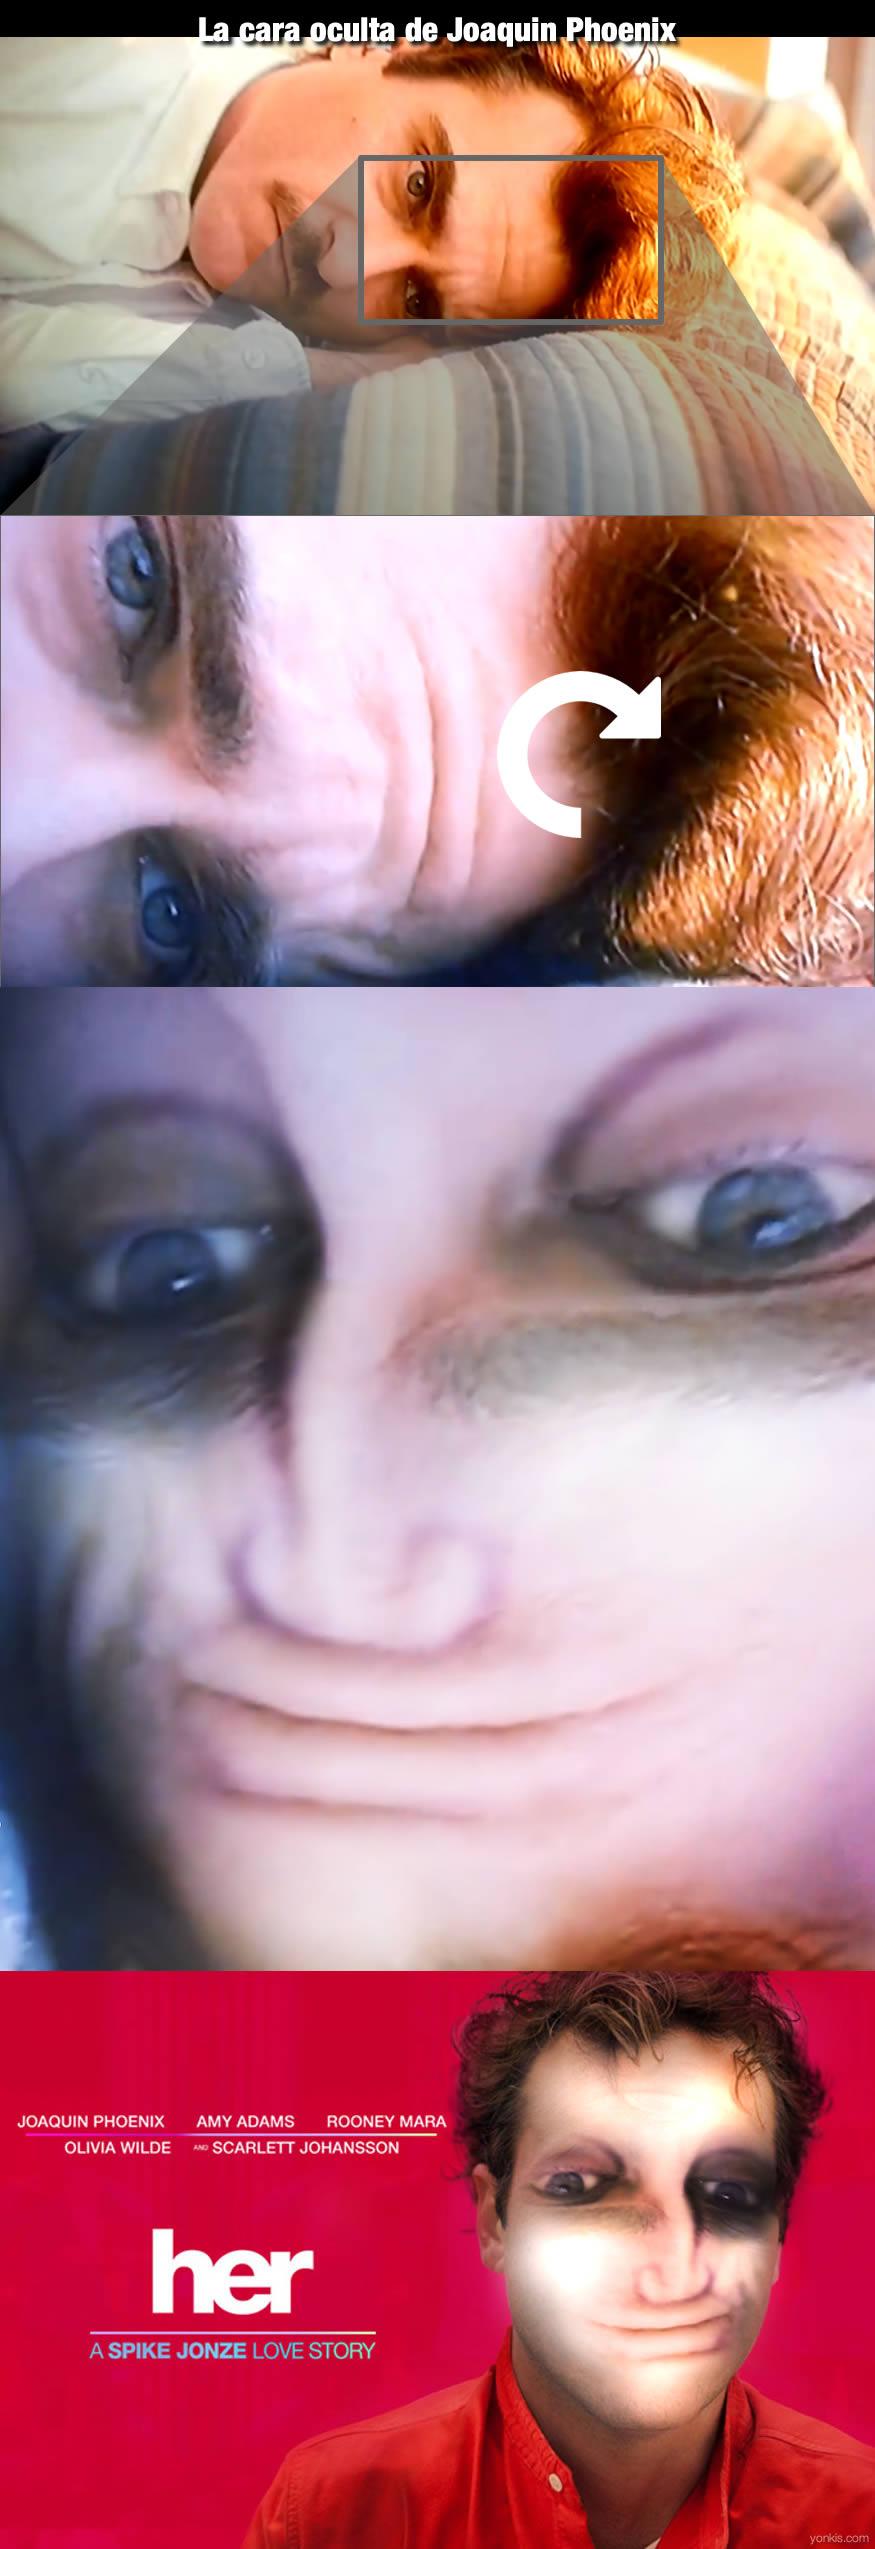 La cara oculta de Joaquin Phoenix